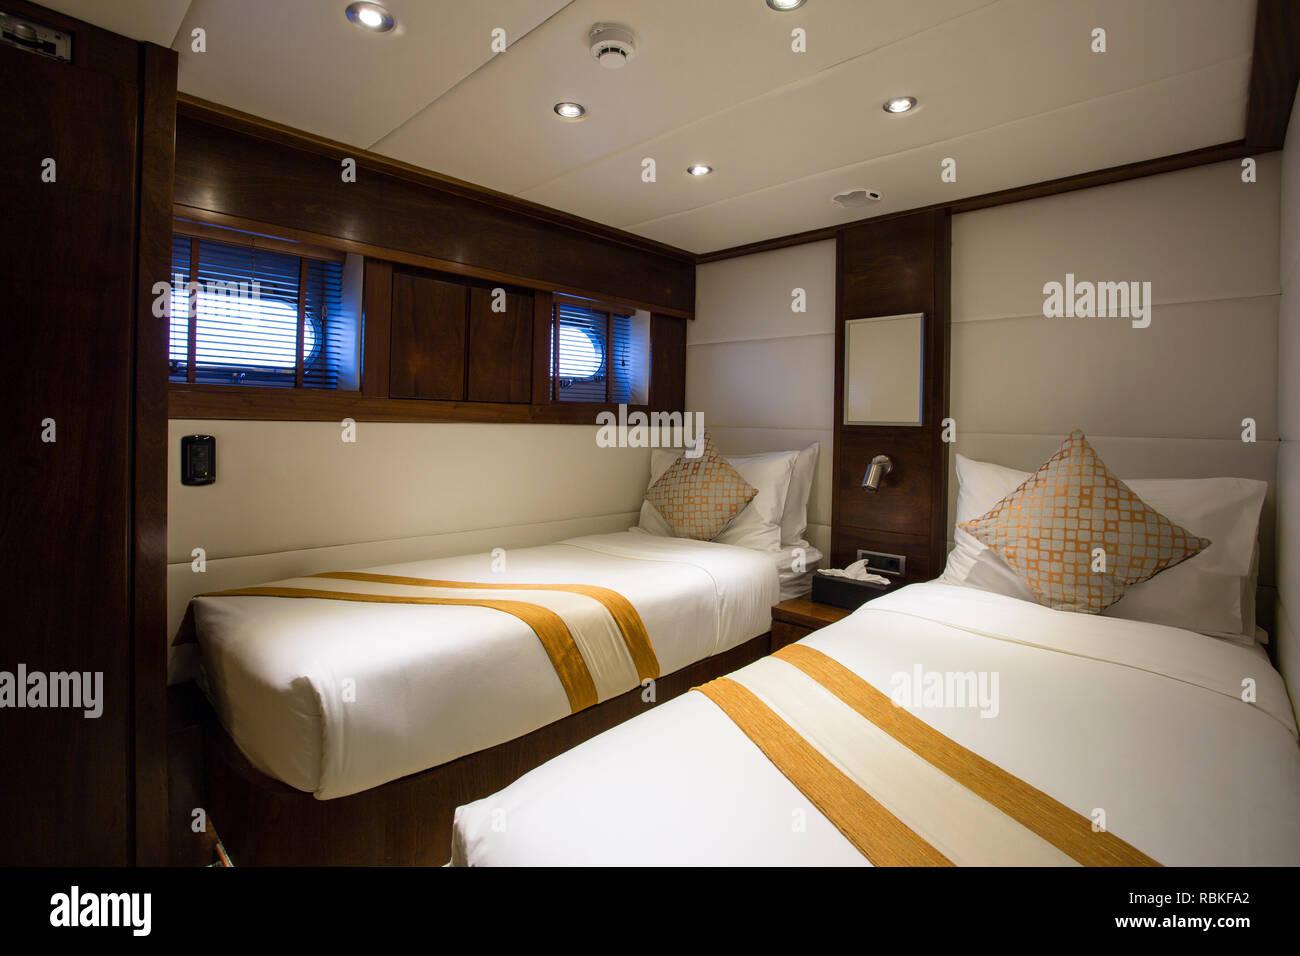 Wohnzimmer Schlafzimmer In Einem Wohn Schlafzimmer